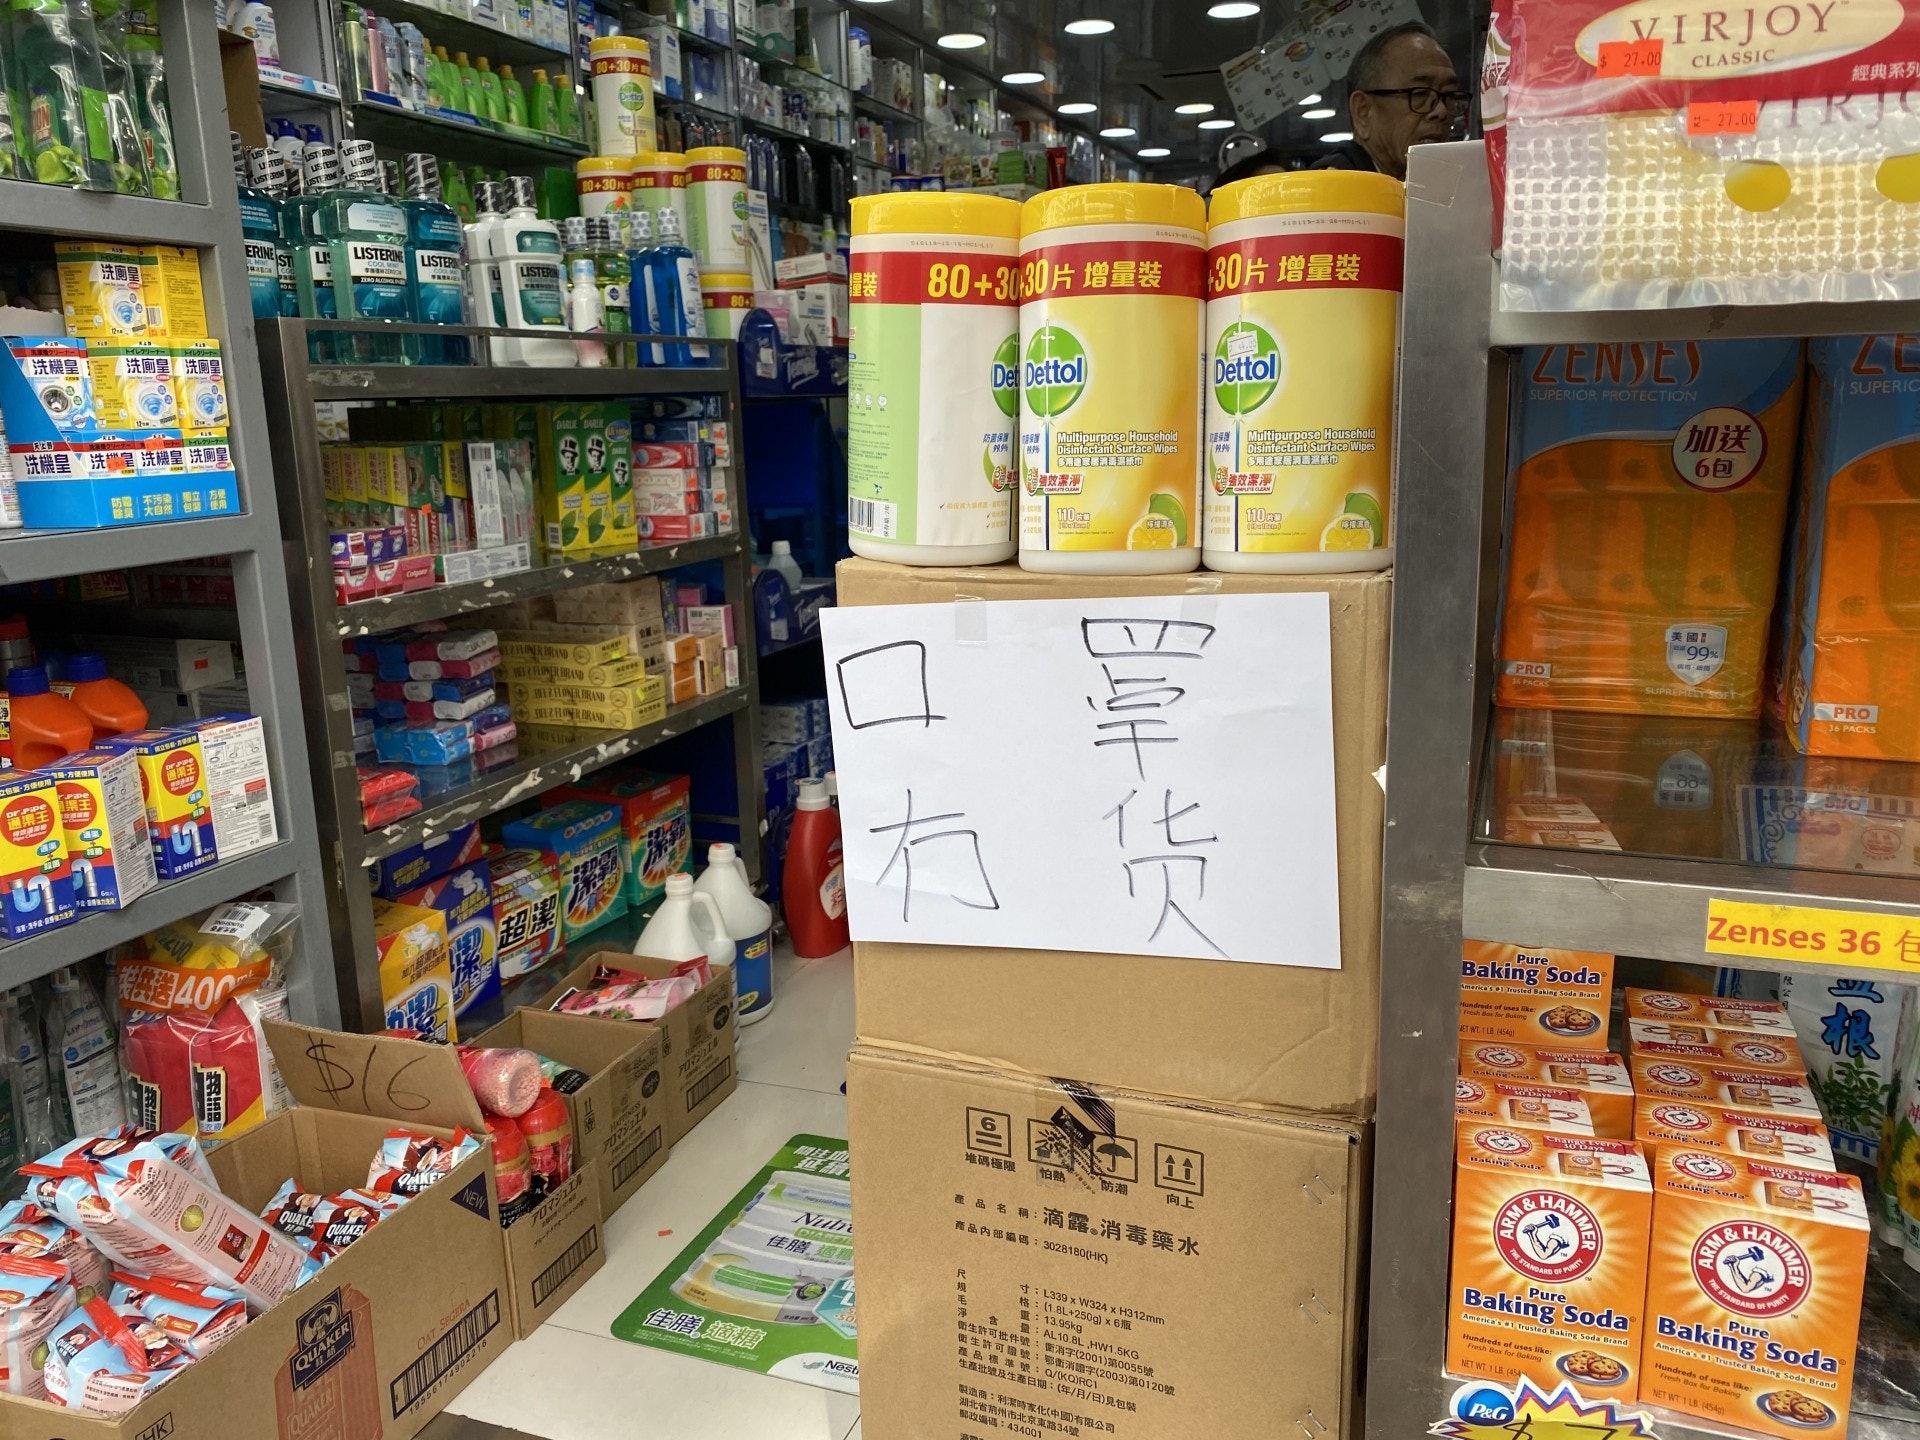 記者以顧客身份到訪荃灣10間分別位於街市街、眾安街及仁濟醫院附近一帶的藥房,巡邏是否有該款口罩出售,發現10間藥房中,大多數藥房已沒有口罩出售。